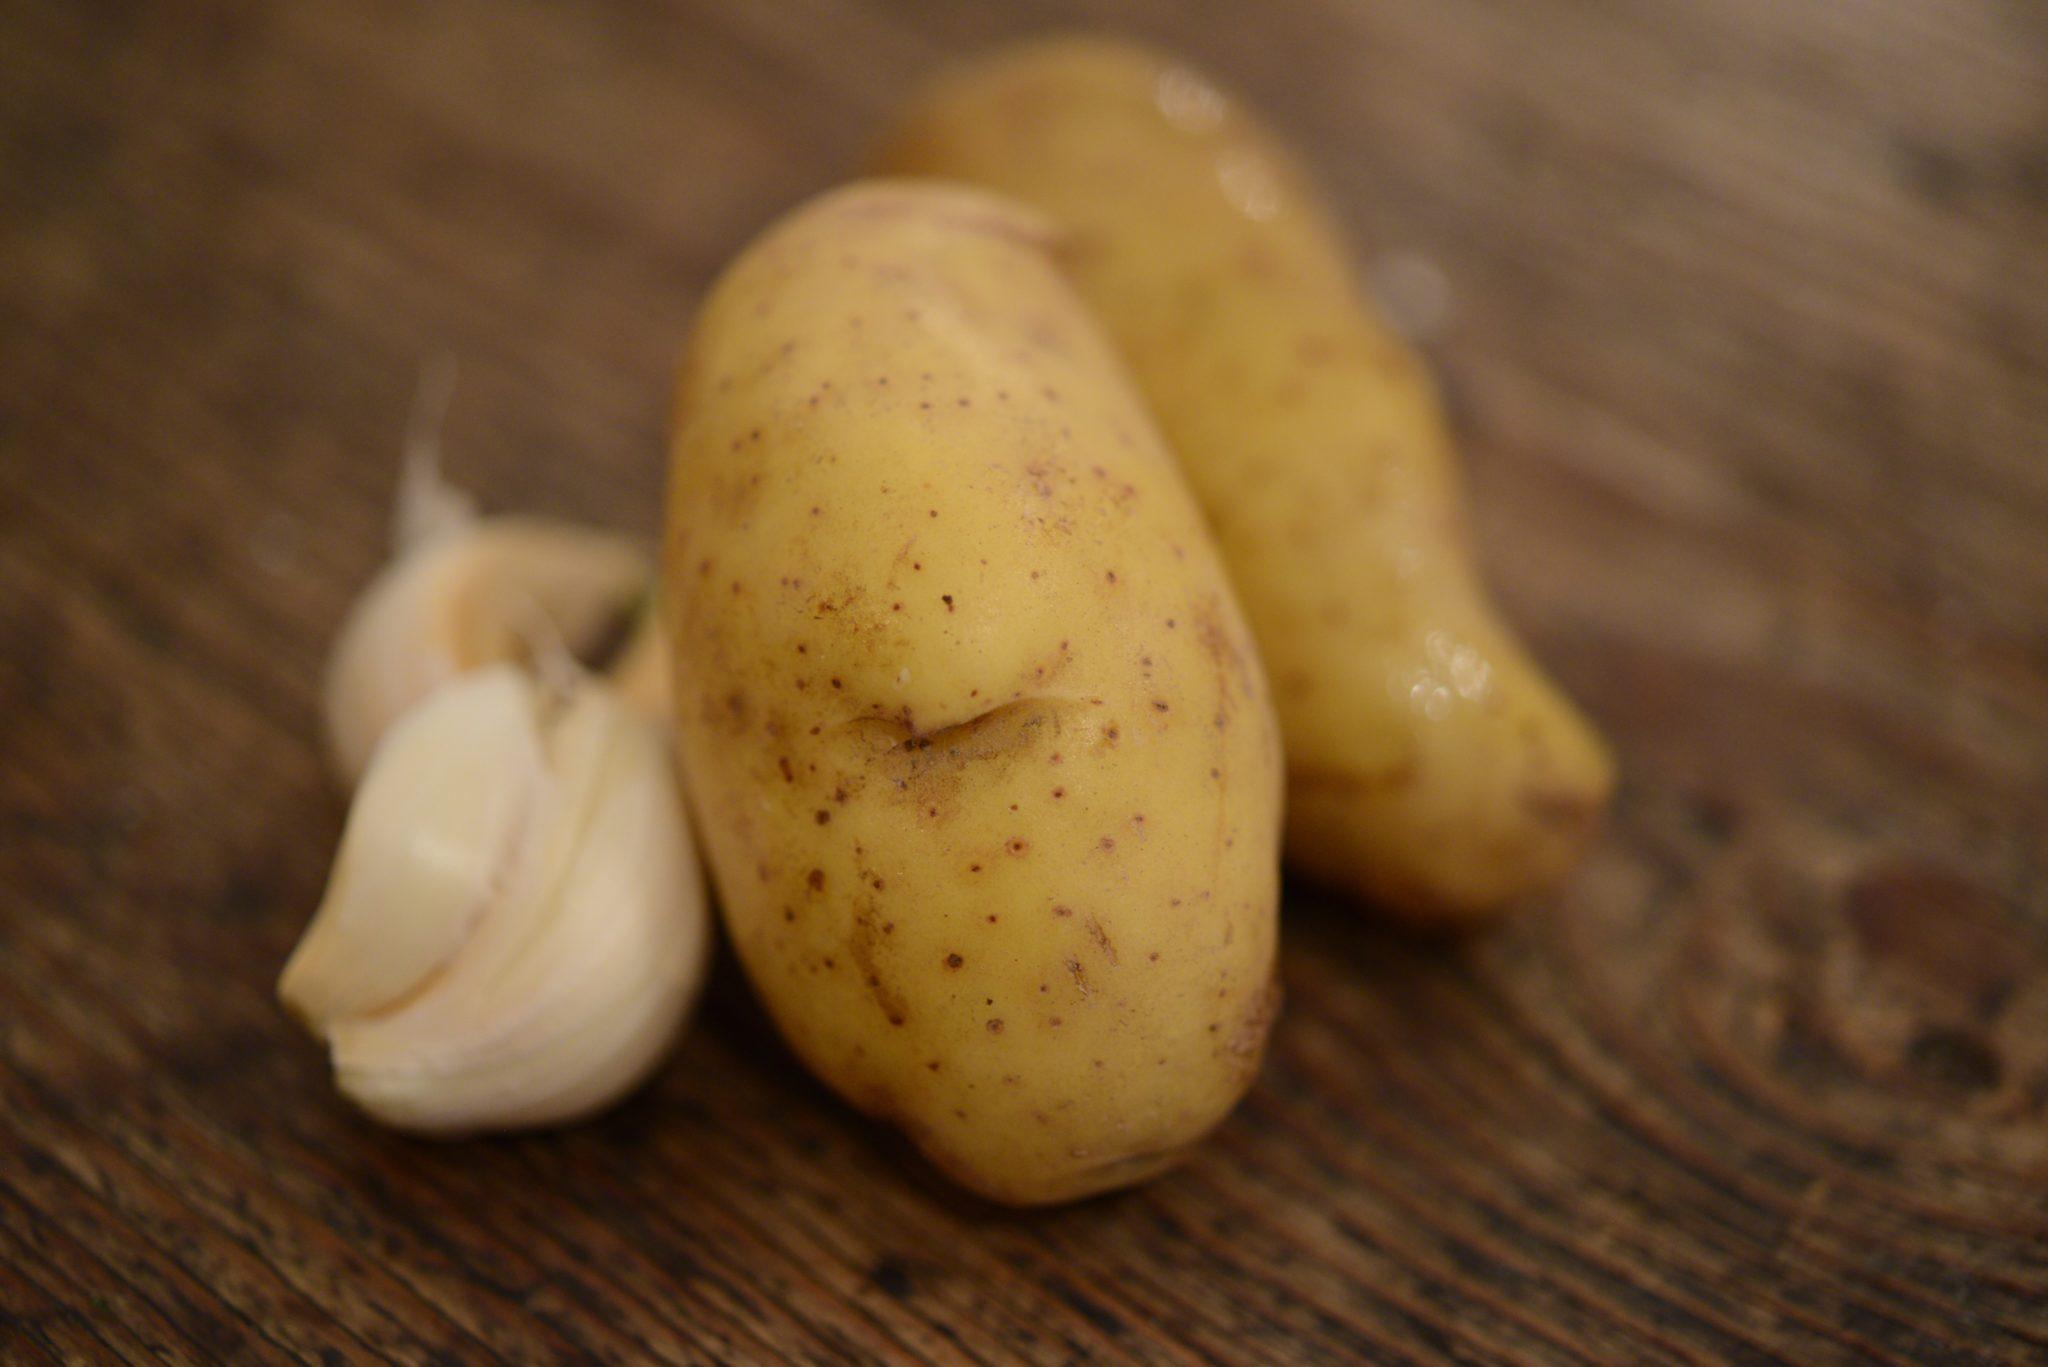 skrelte poteter i vann til dagen etter